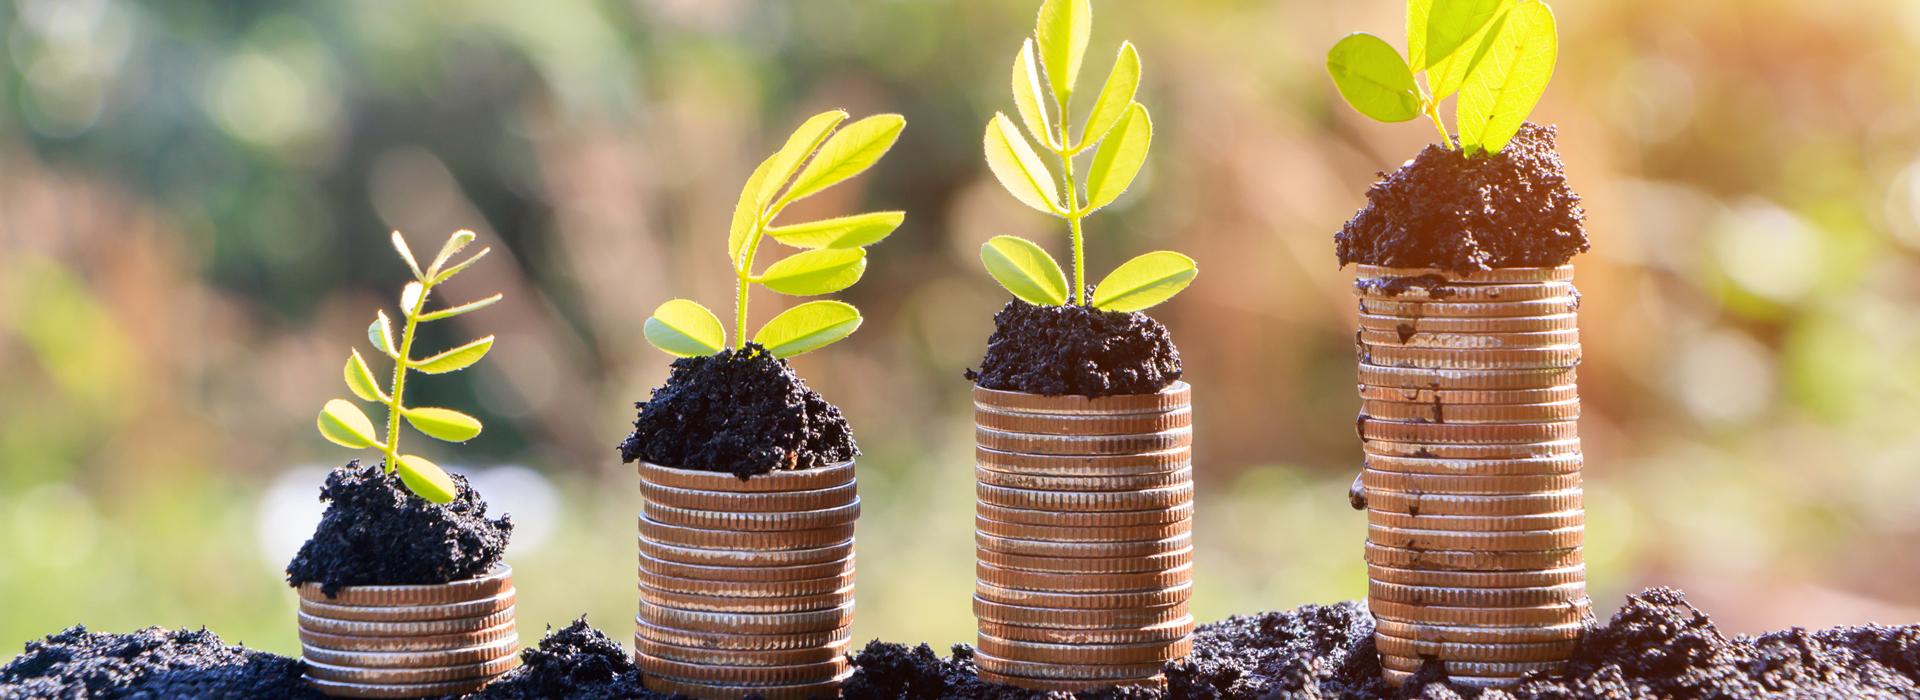 銀行定存小技巧分享:5個方法學起來,每年多領8900元